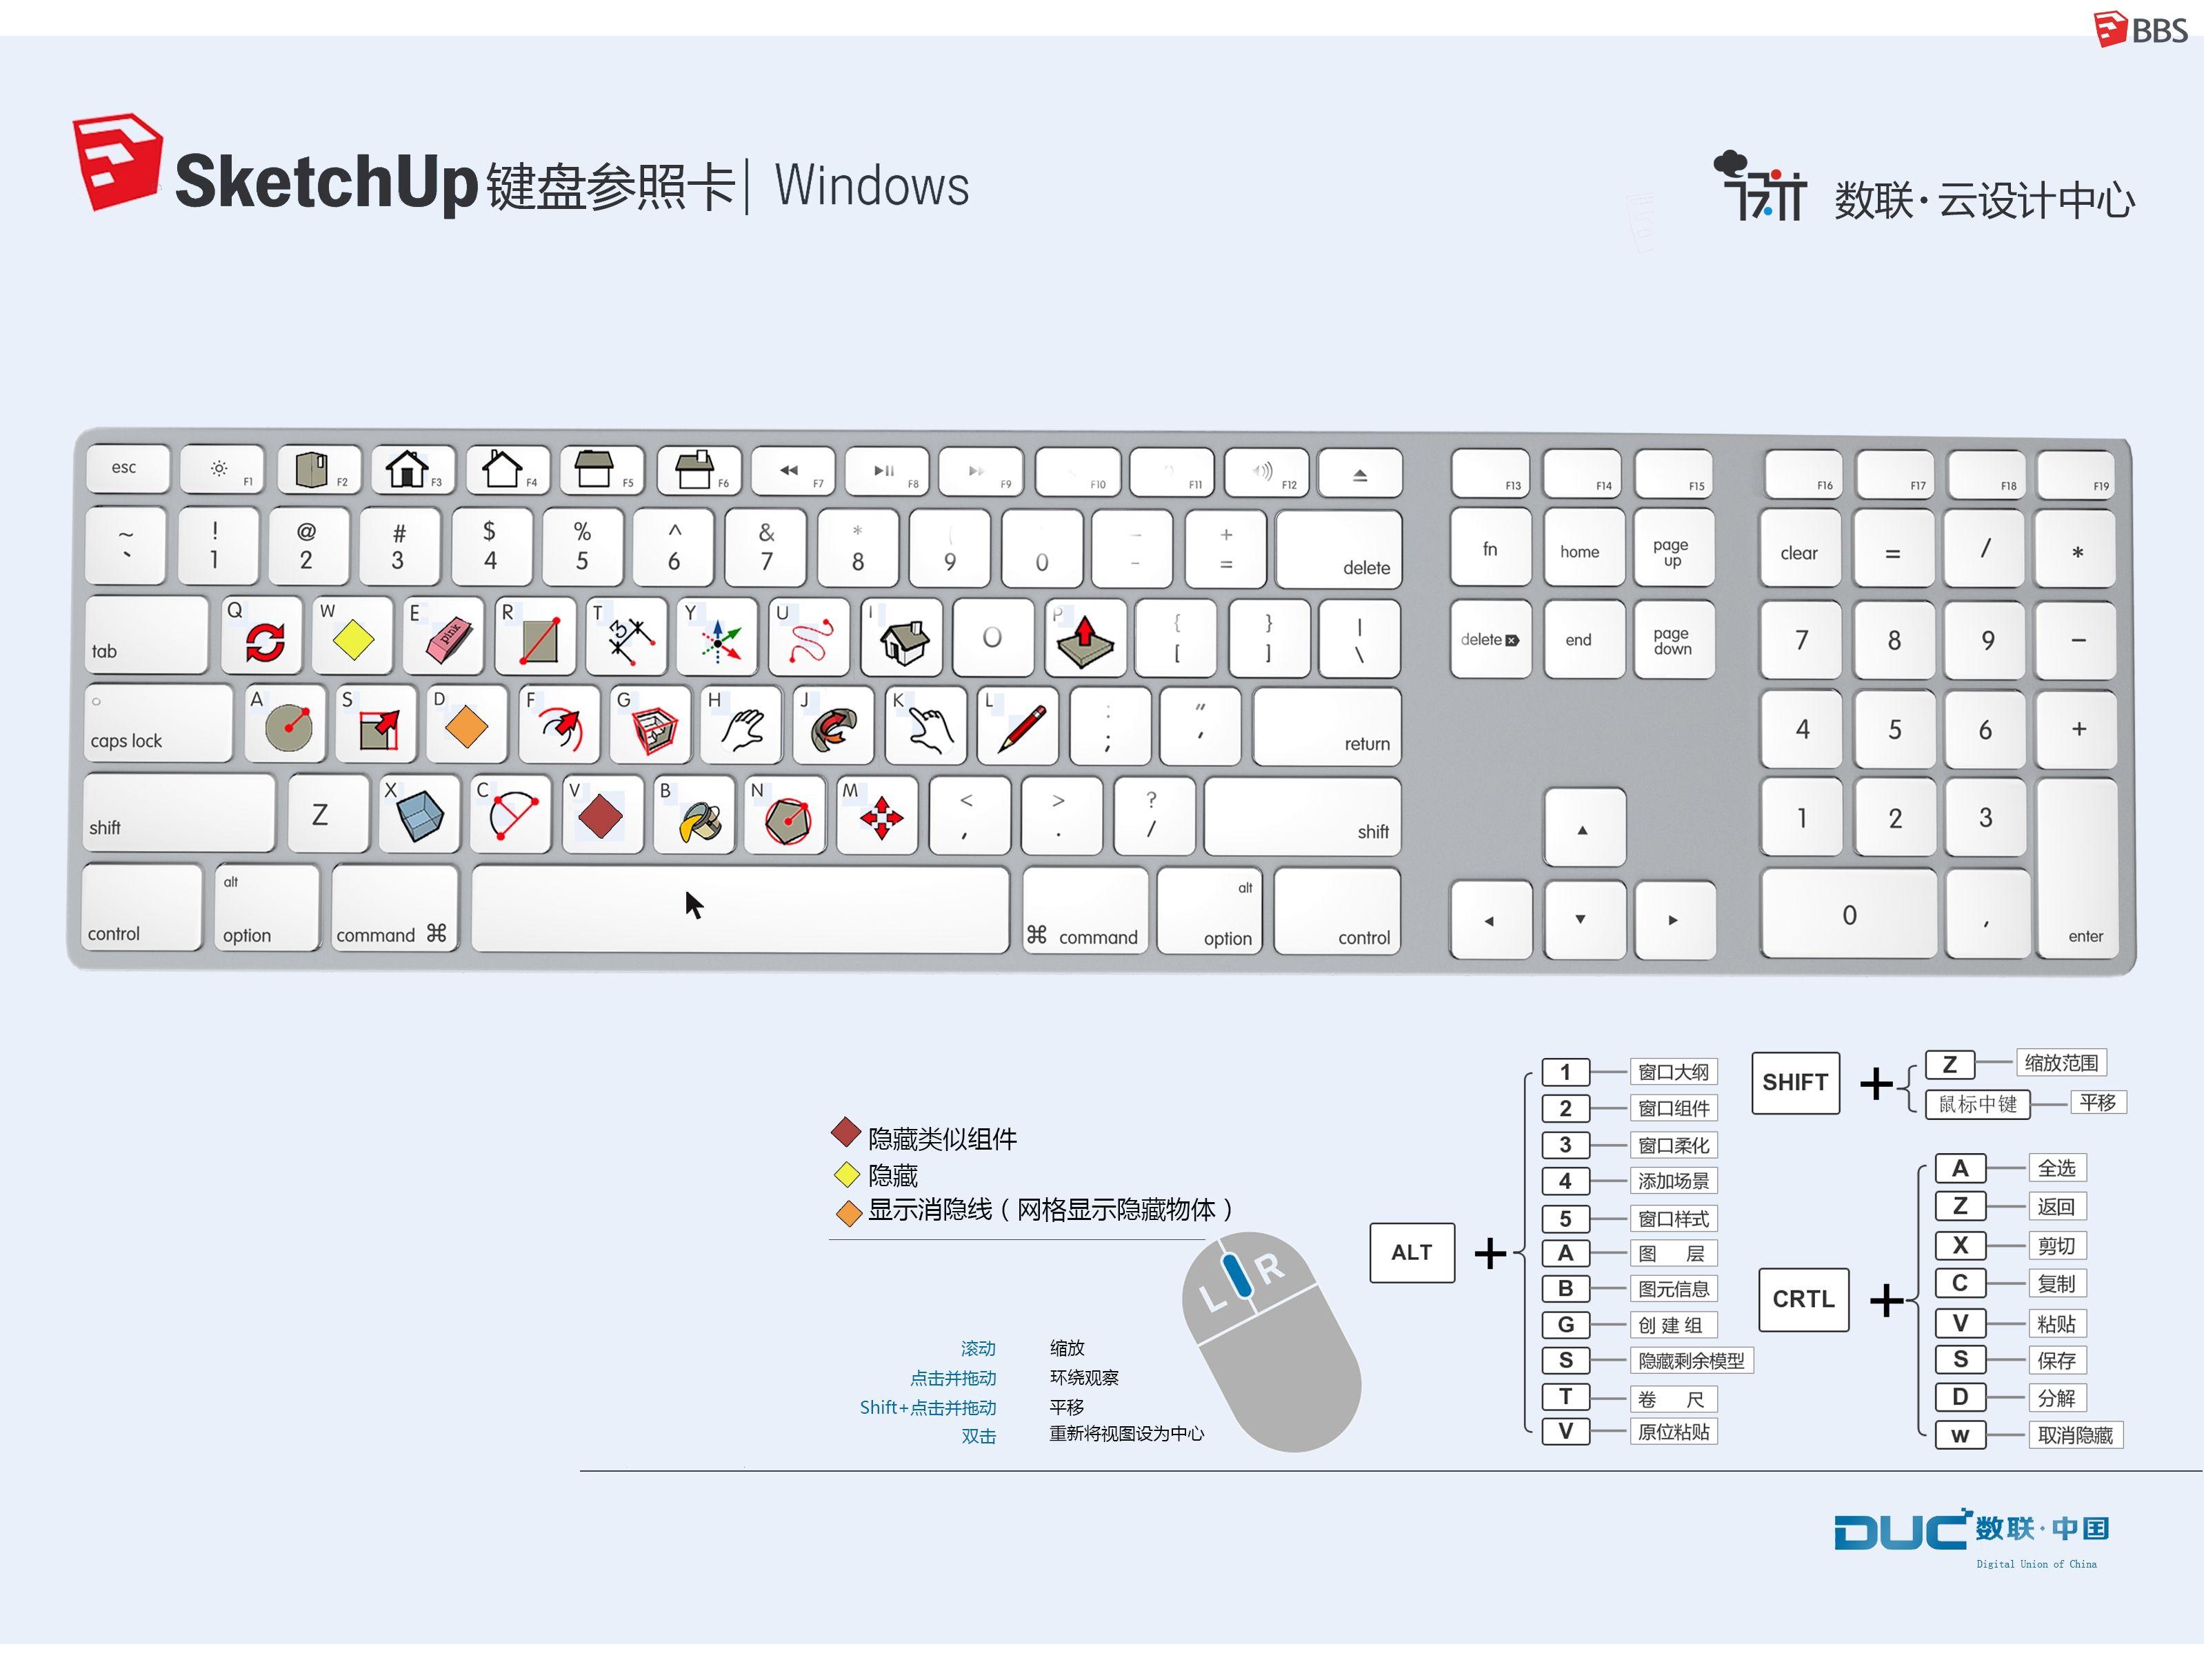 hight resolution of sketchup computer keyboard diagram tools